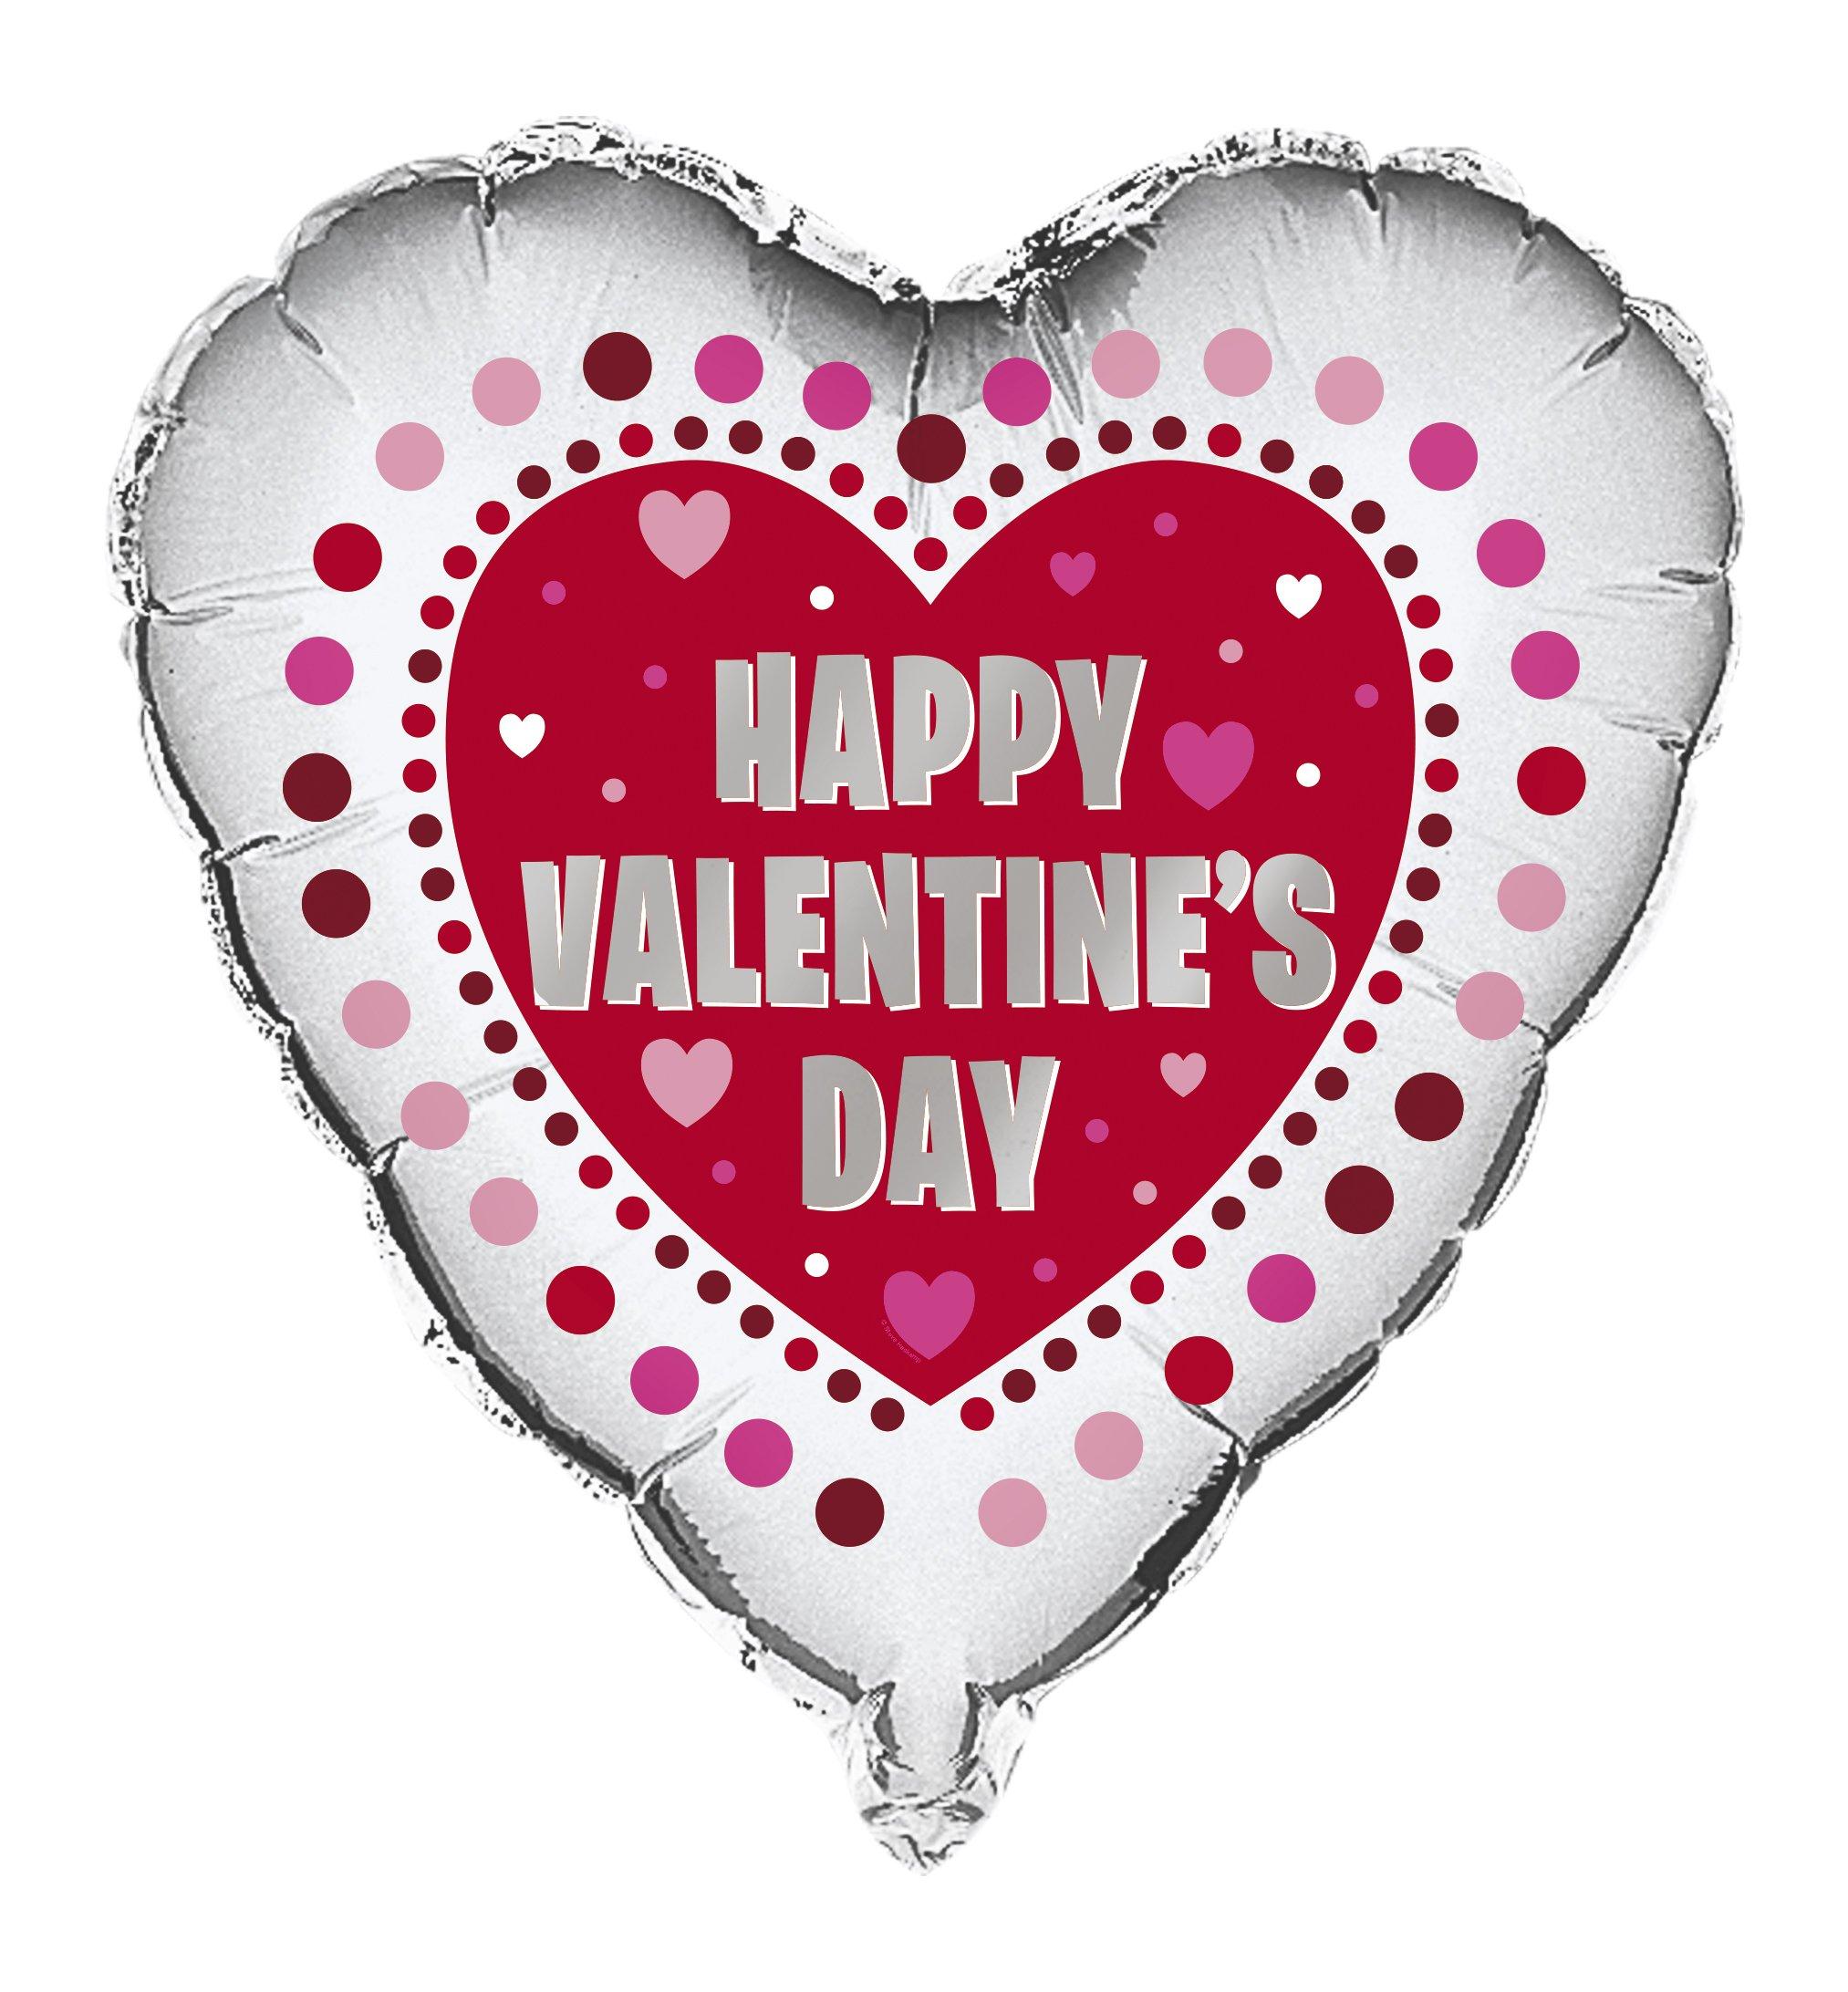 When Valentine Day